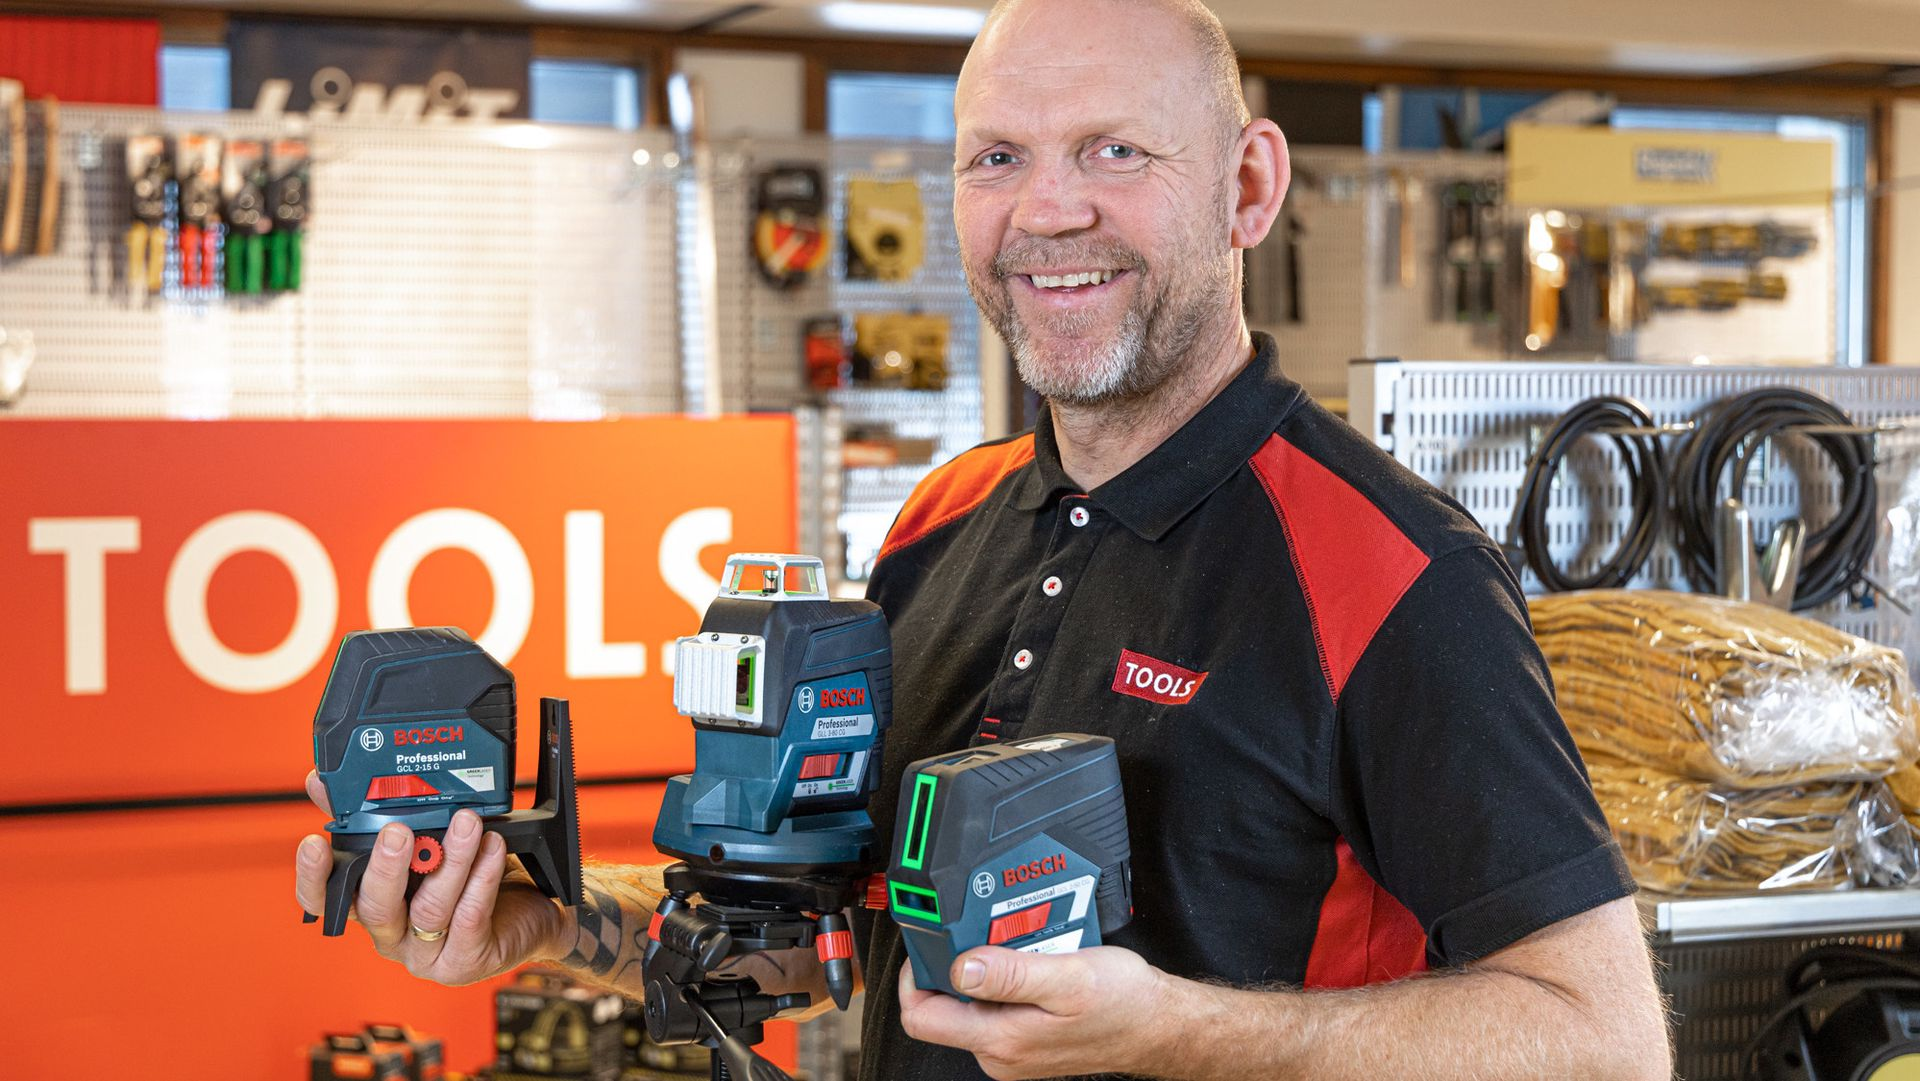 Ståle Henriksen hos TOOLS i Askim hjelper deg gjerne med å velge måleverktøy.